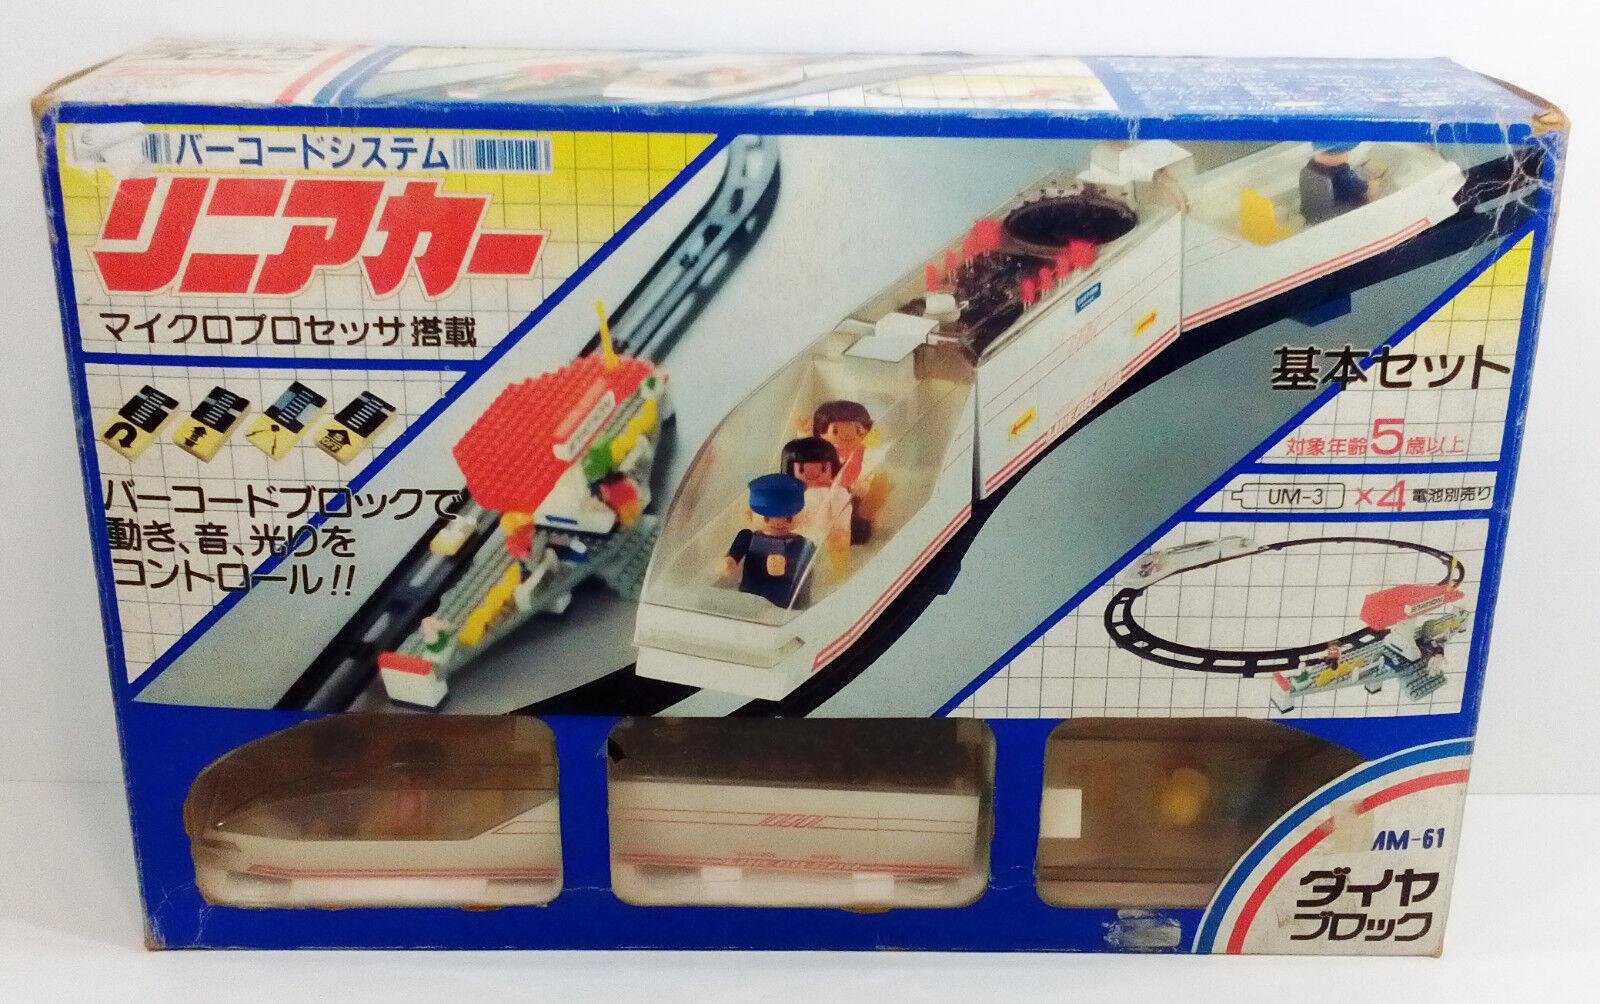 VTG 1987 KAWADA MM-61 BAR CODE CONTROLLED LINEAR CAR SYSTEM TRAIN SET UNUSED